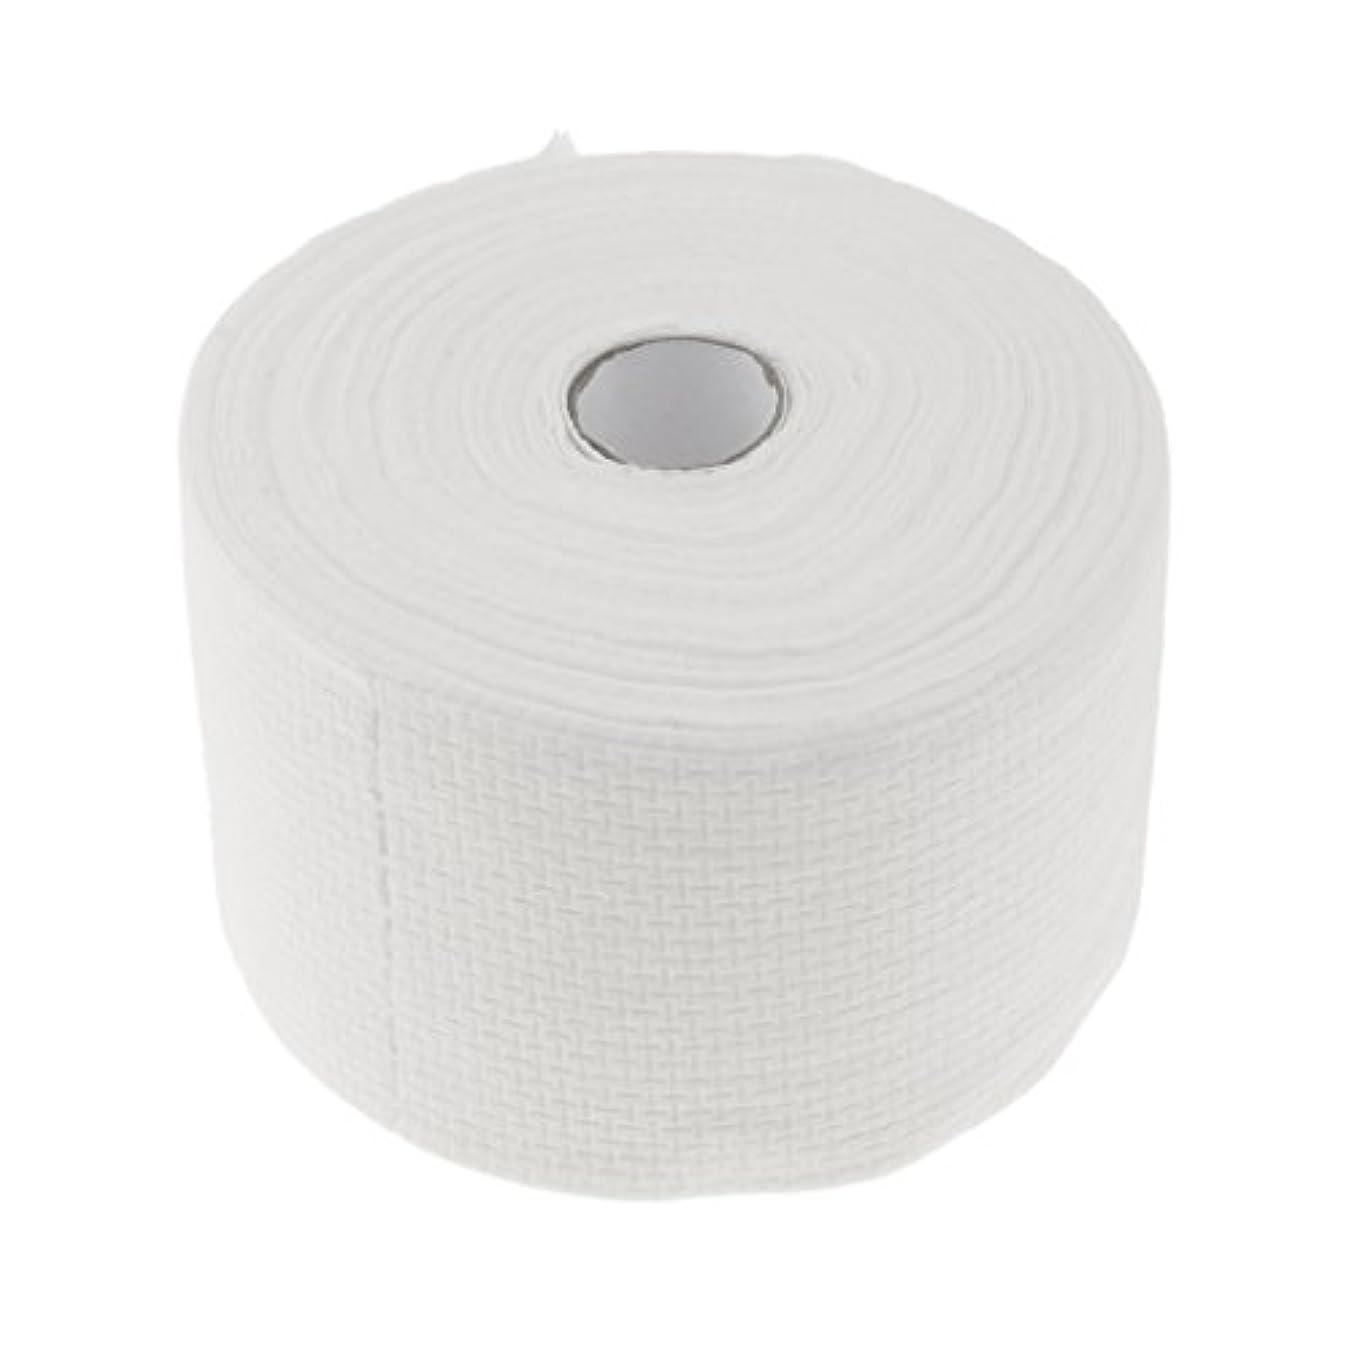 解説コンドーム申し込むPerfk 使い捨てタオル ロール式 洗顔タオル 30M コットン 快適 便利 家庭用 サロン 2タイプ選べる - #1